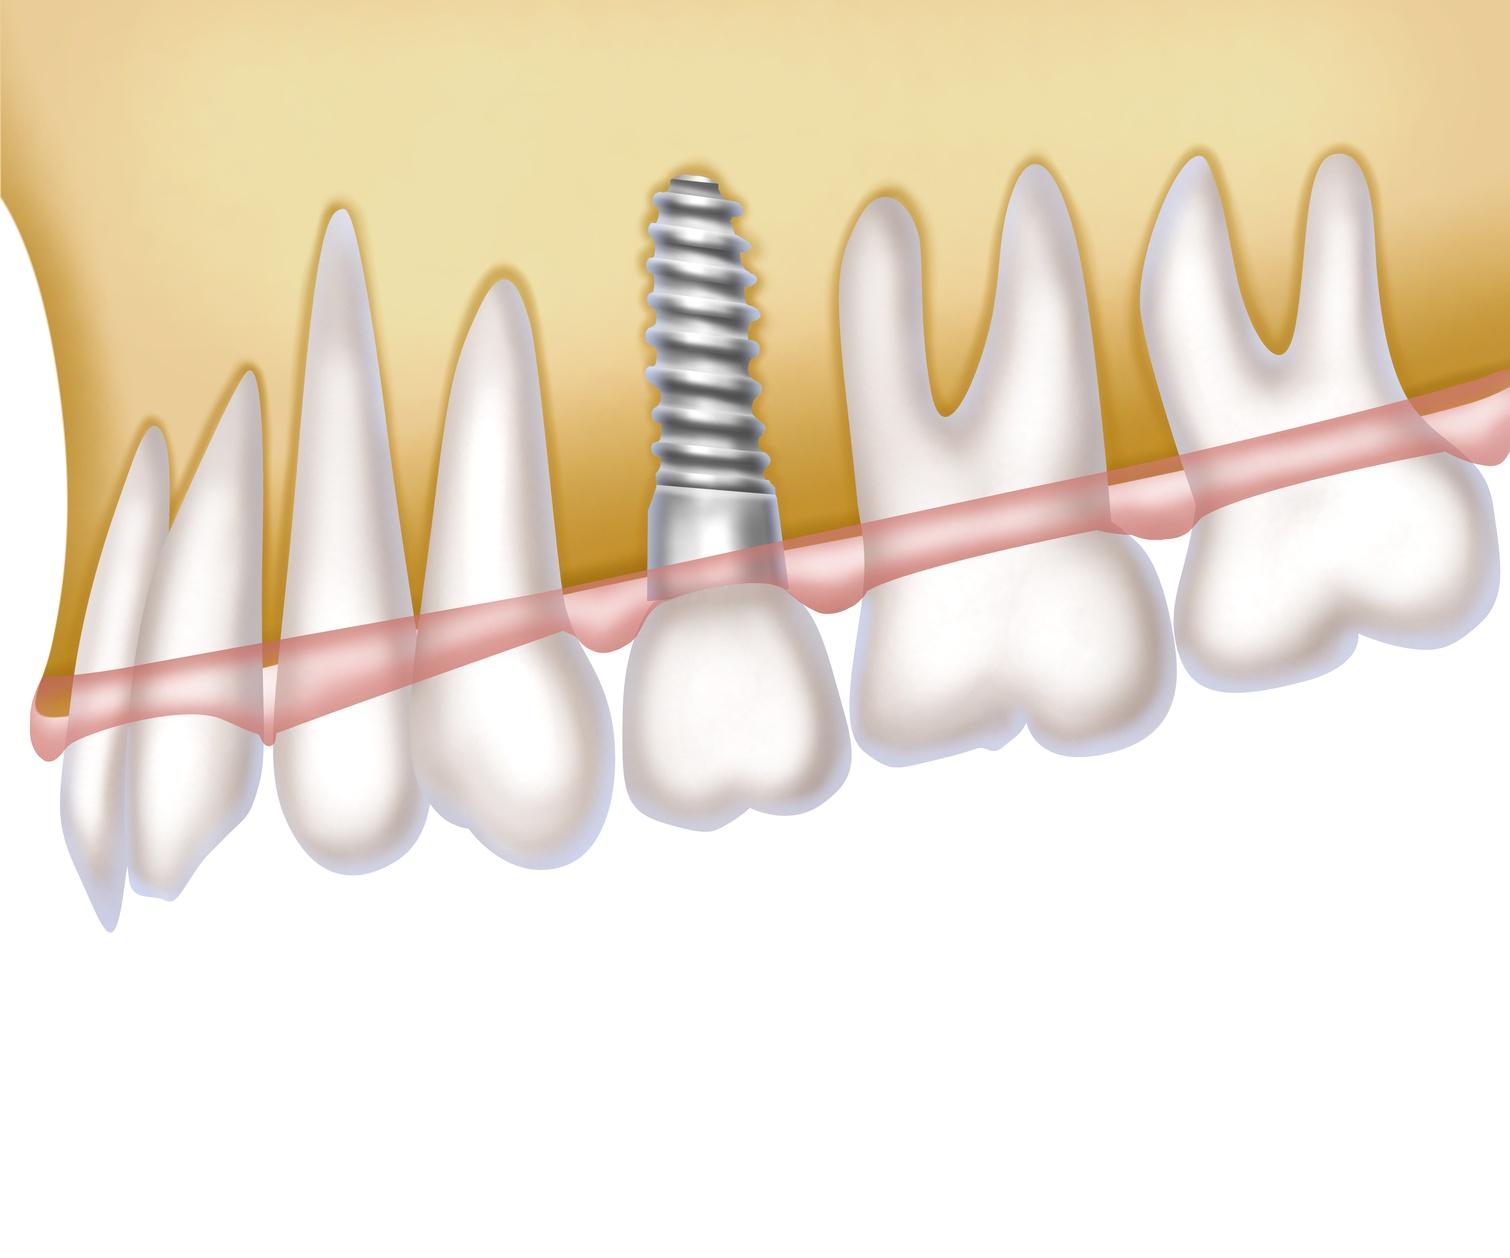 Impianti dentali: cosa sono e come vengono effettuati